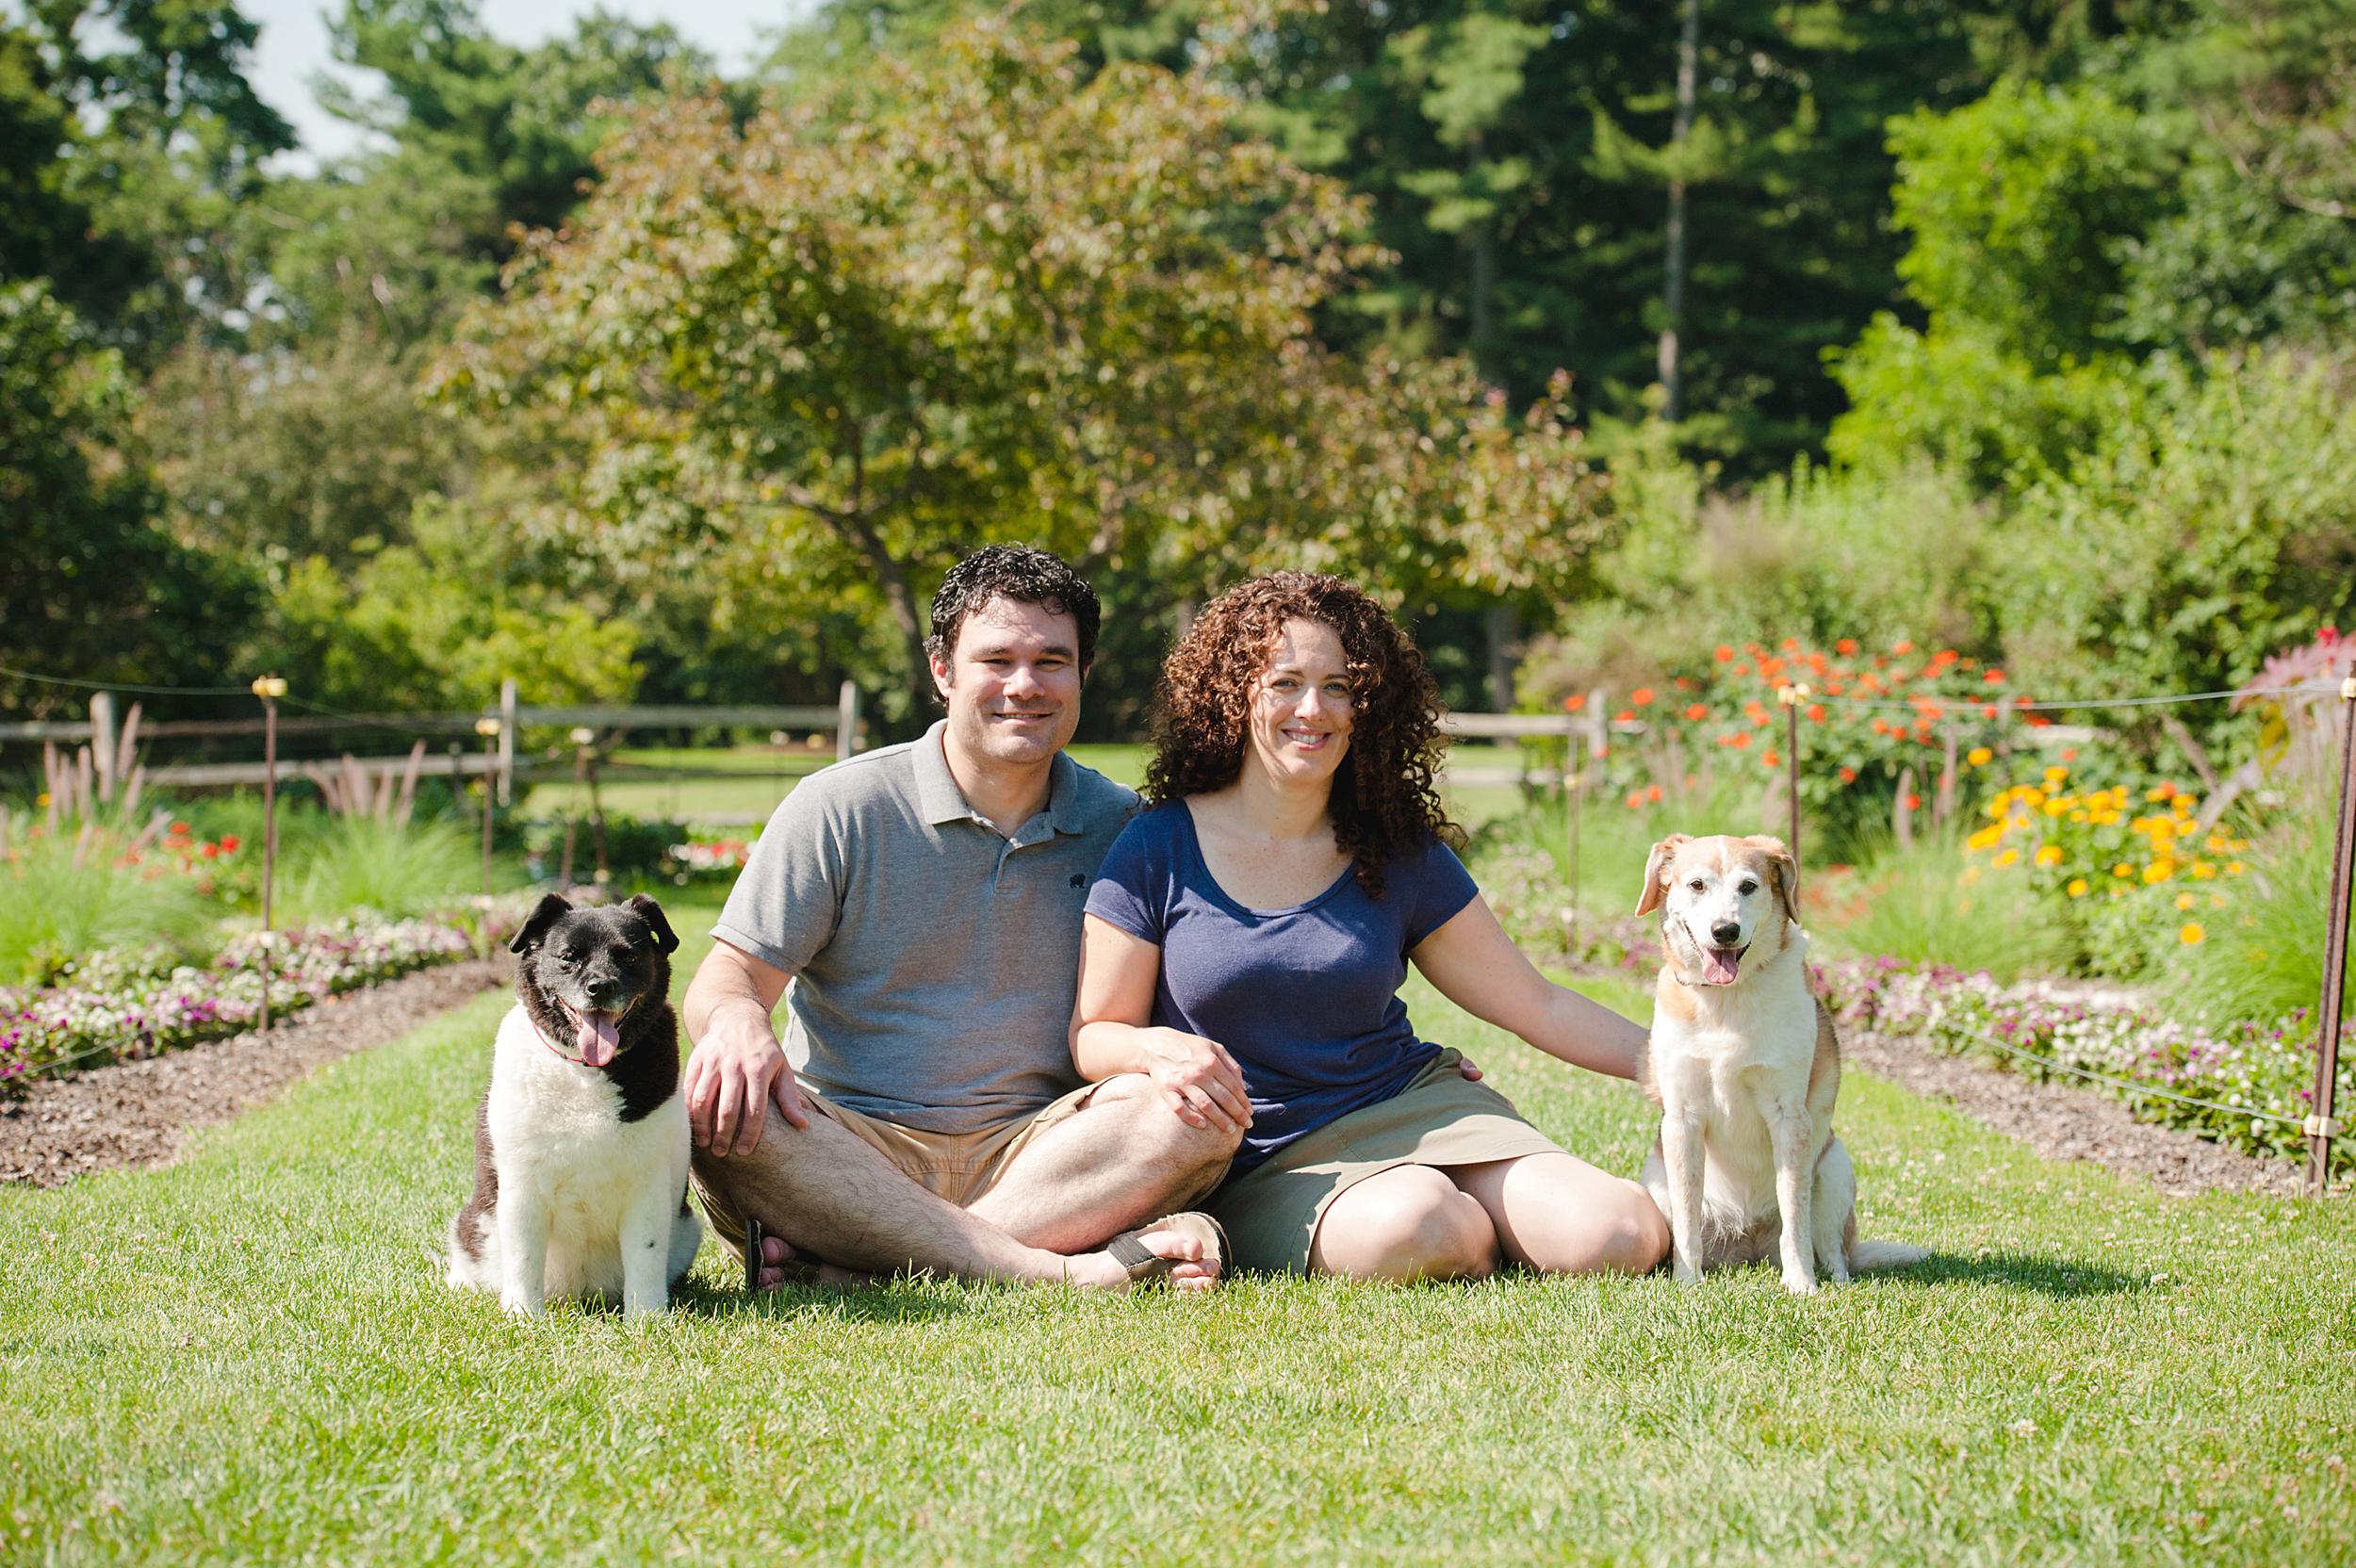 dog-photography-hartwood-acres-giftbug-05.jpg